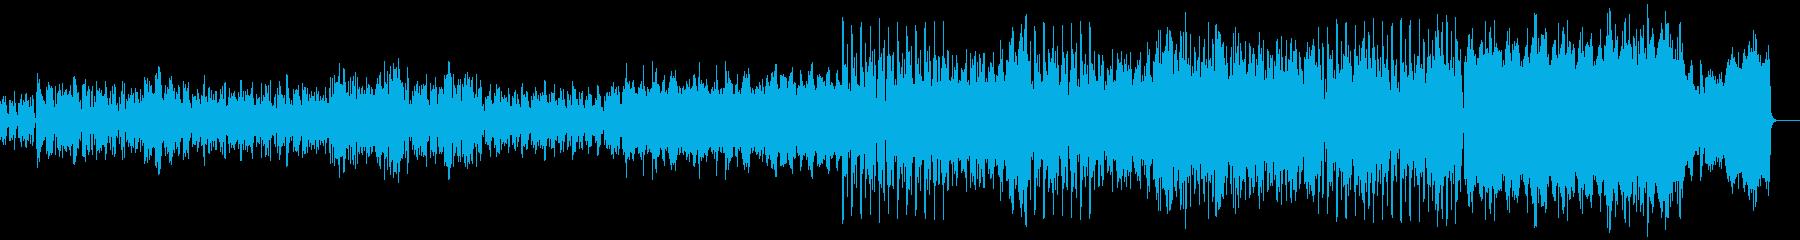 コミカルで慌しい曲の再生済みの波形